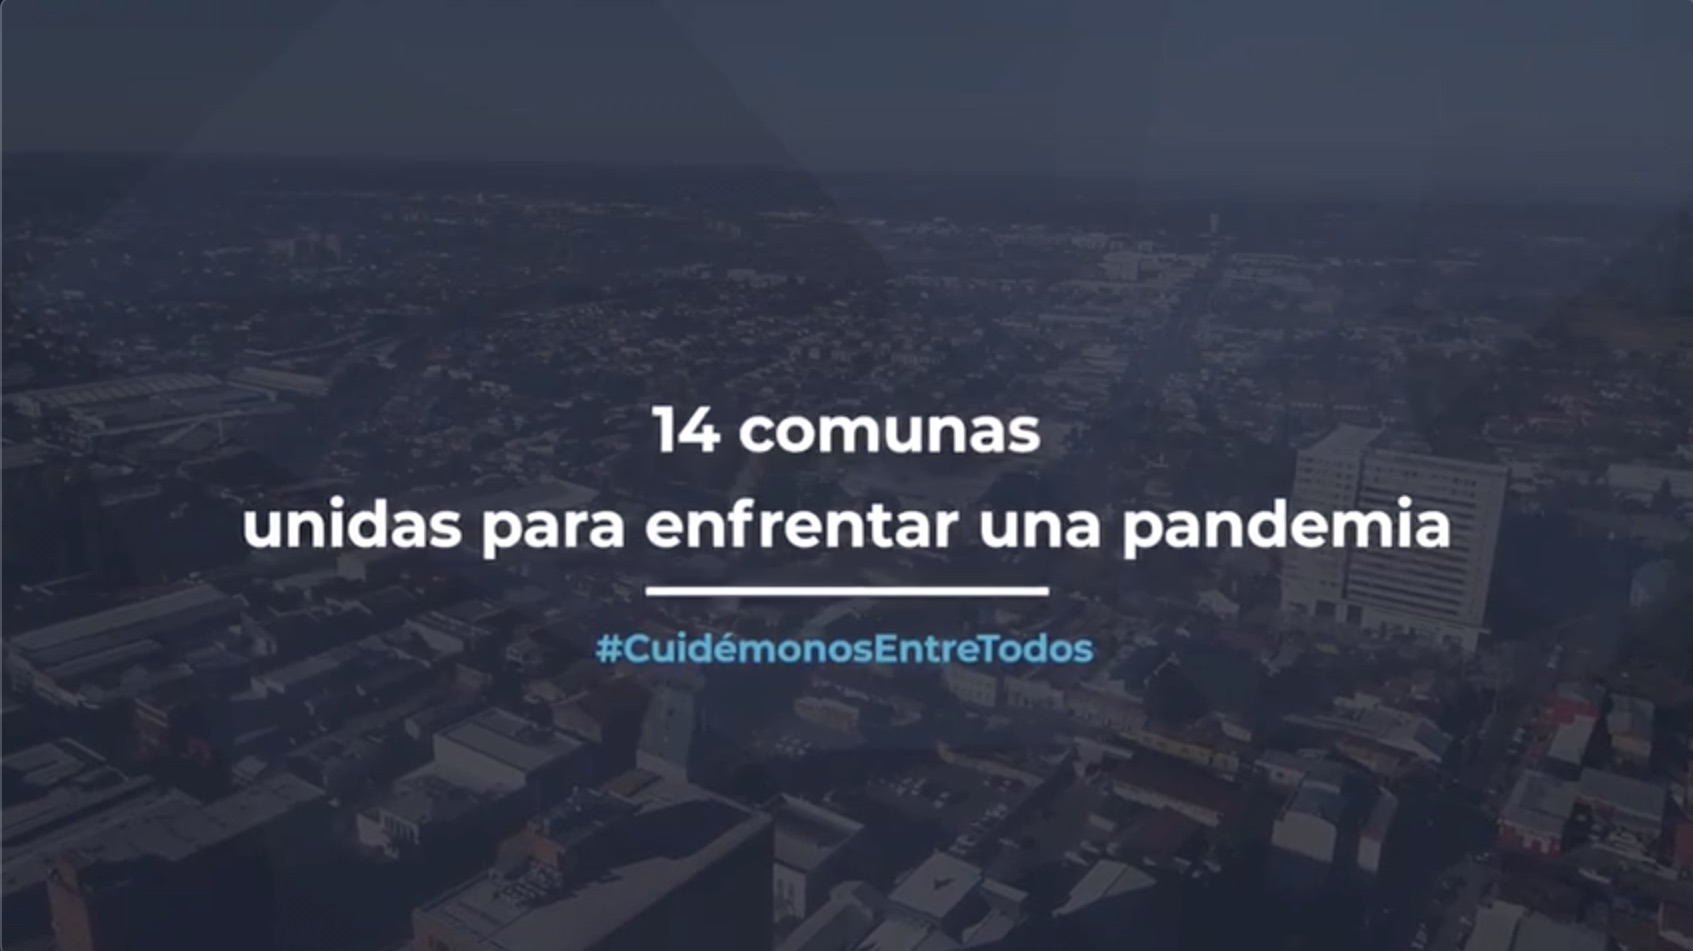 Autoridades de la provincia de Biobío se unen en emotivo video por el Covid-19